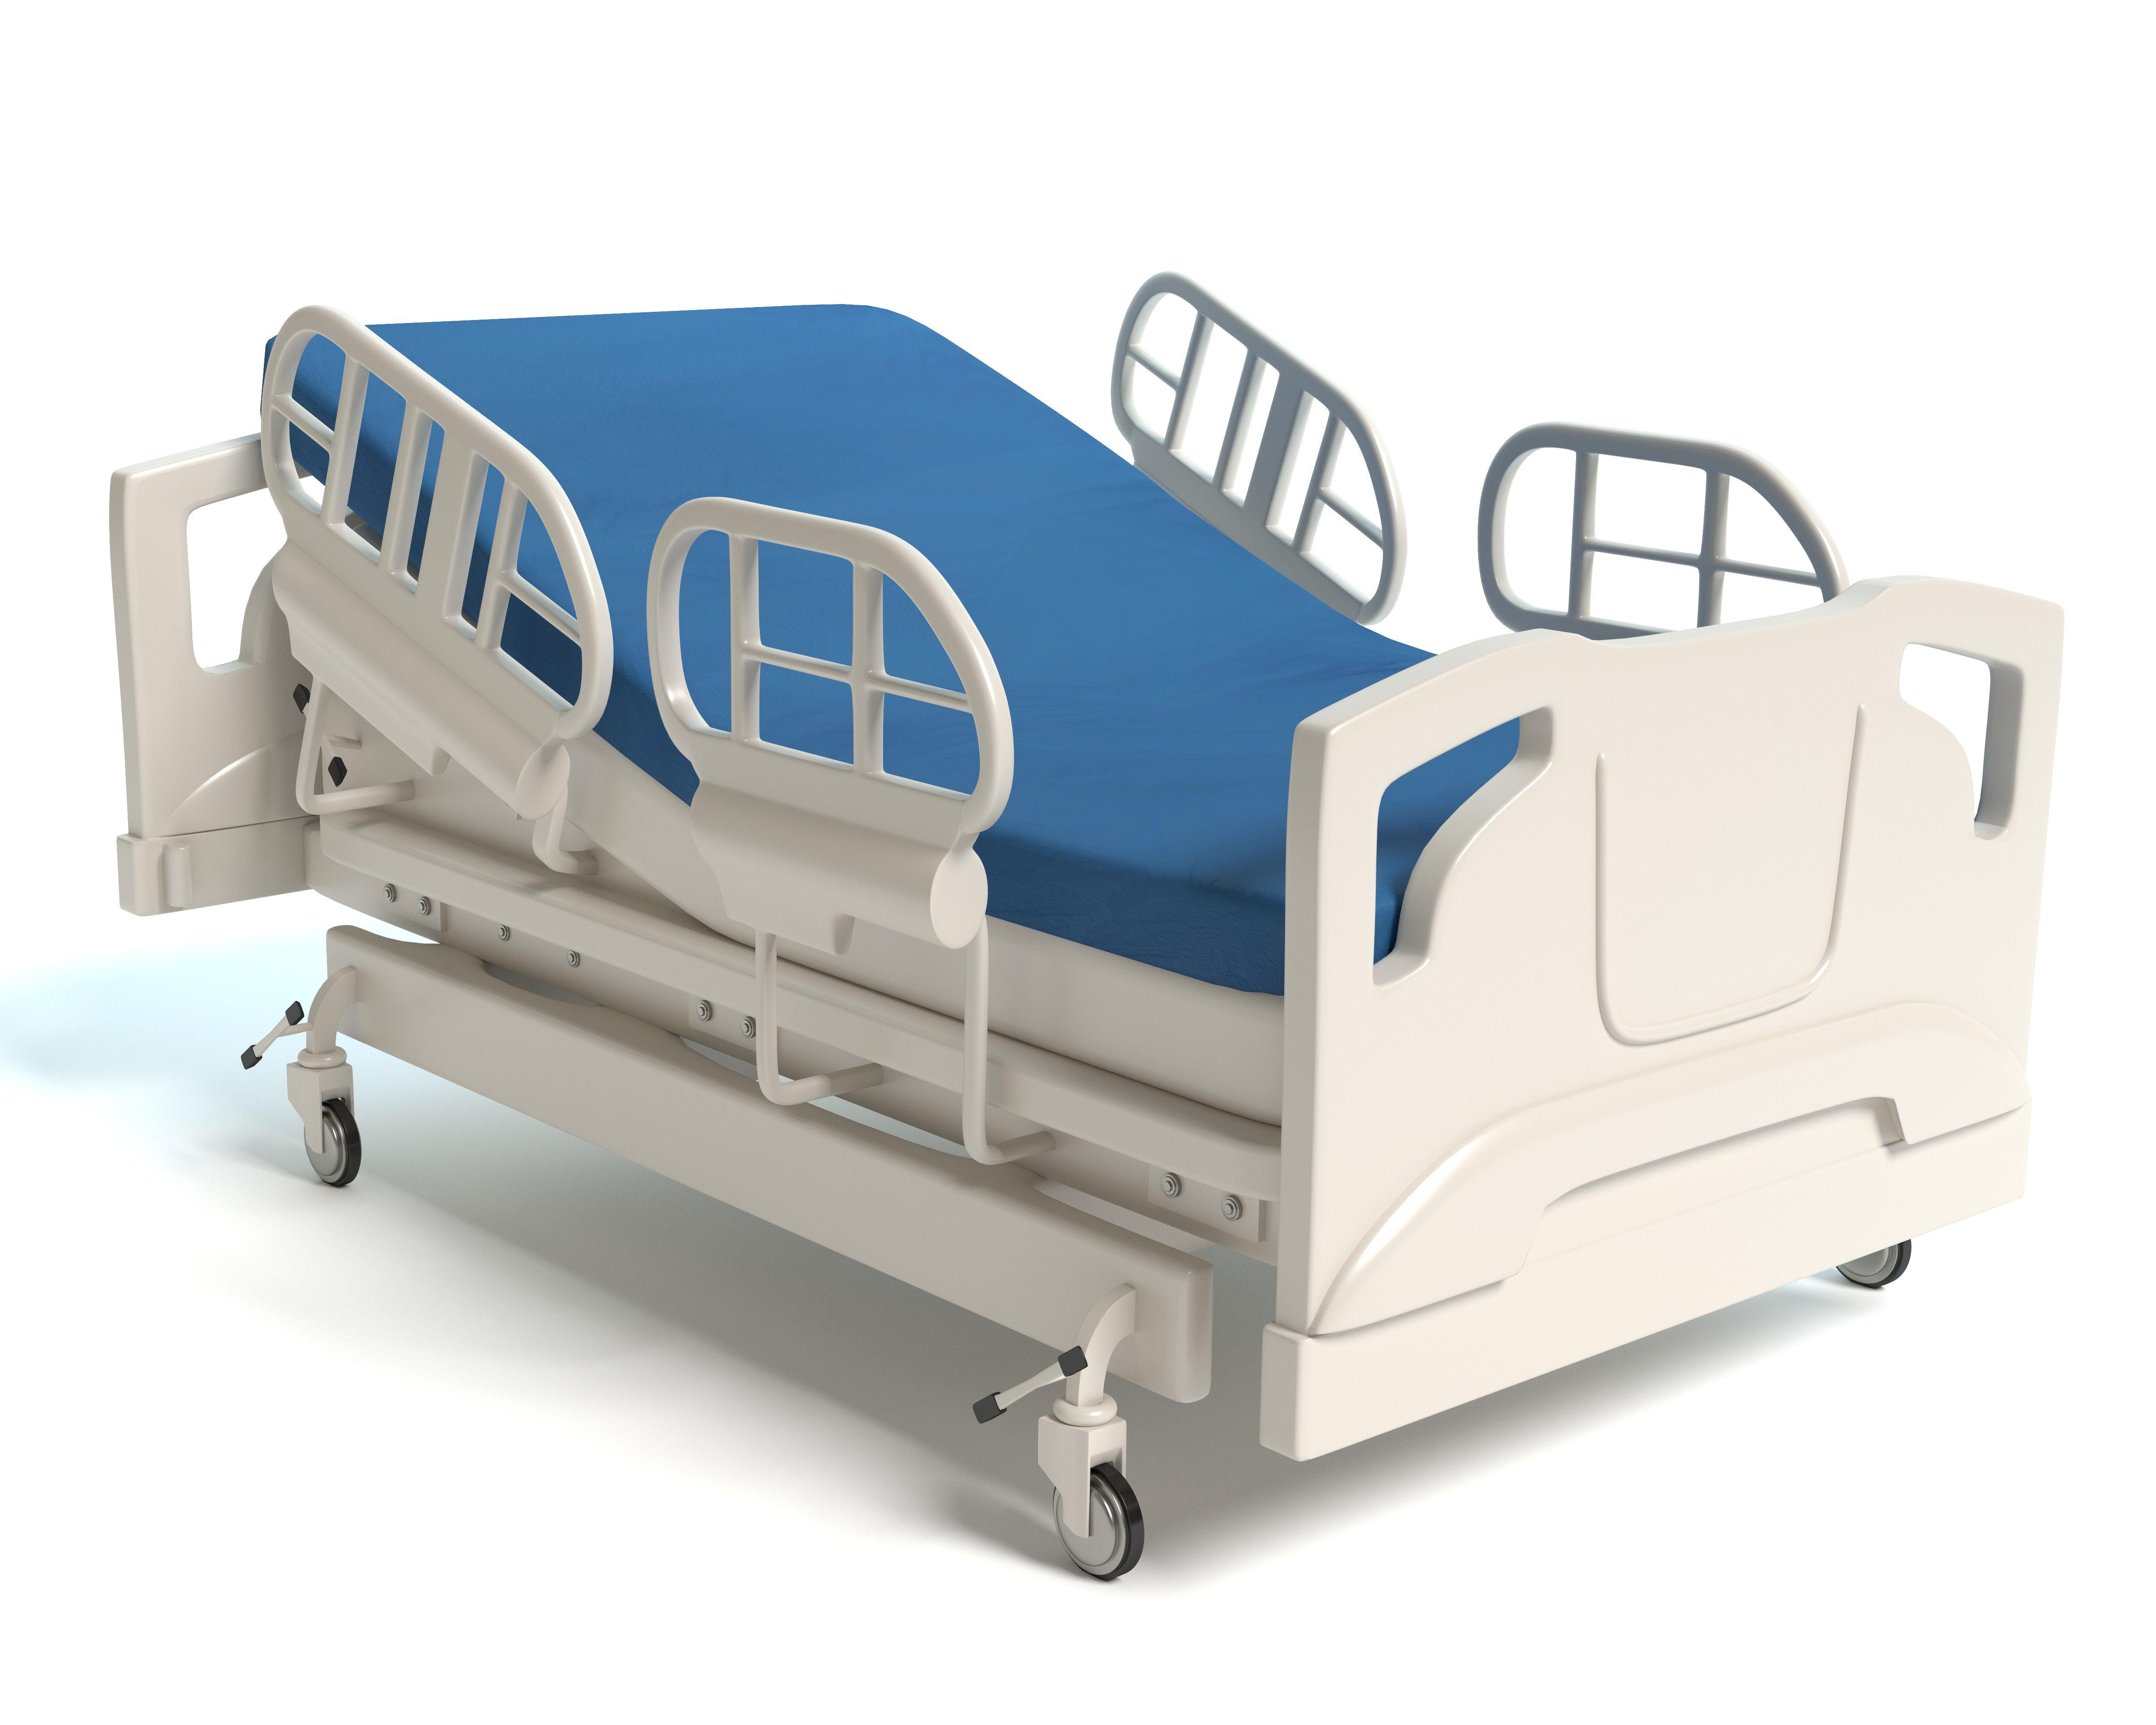 Alquiler de camas articuladas en Calafell